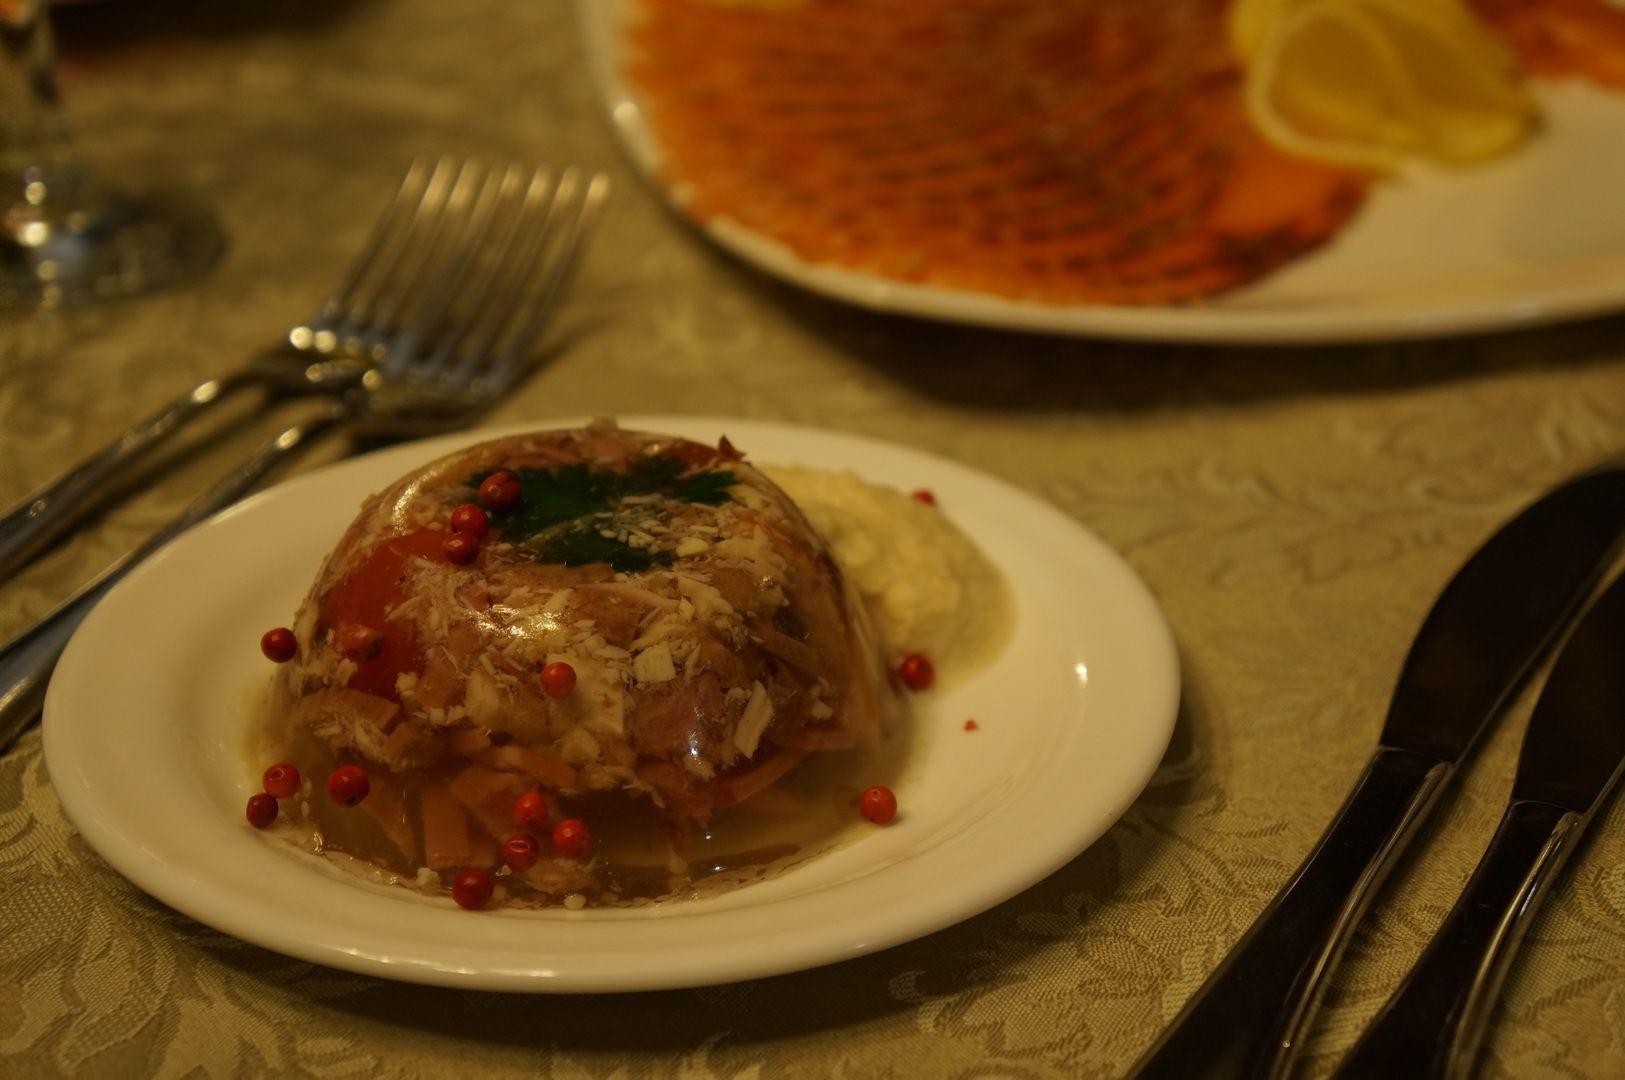 Comida rusa, ¿Qué comen los rusos durante Año Nuevo y Navidad?